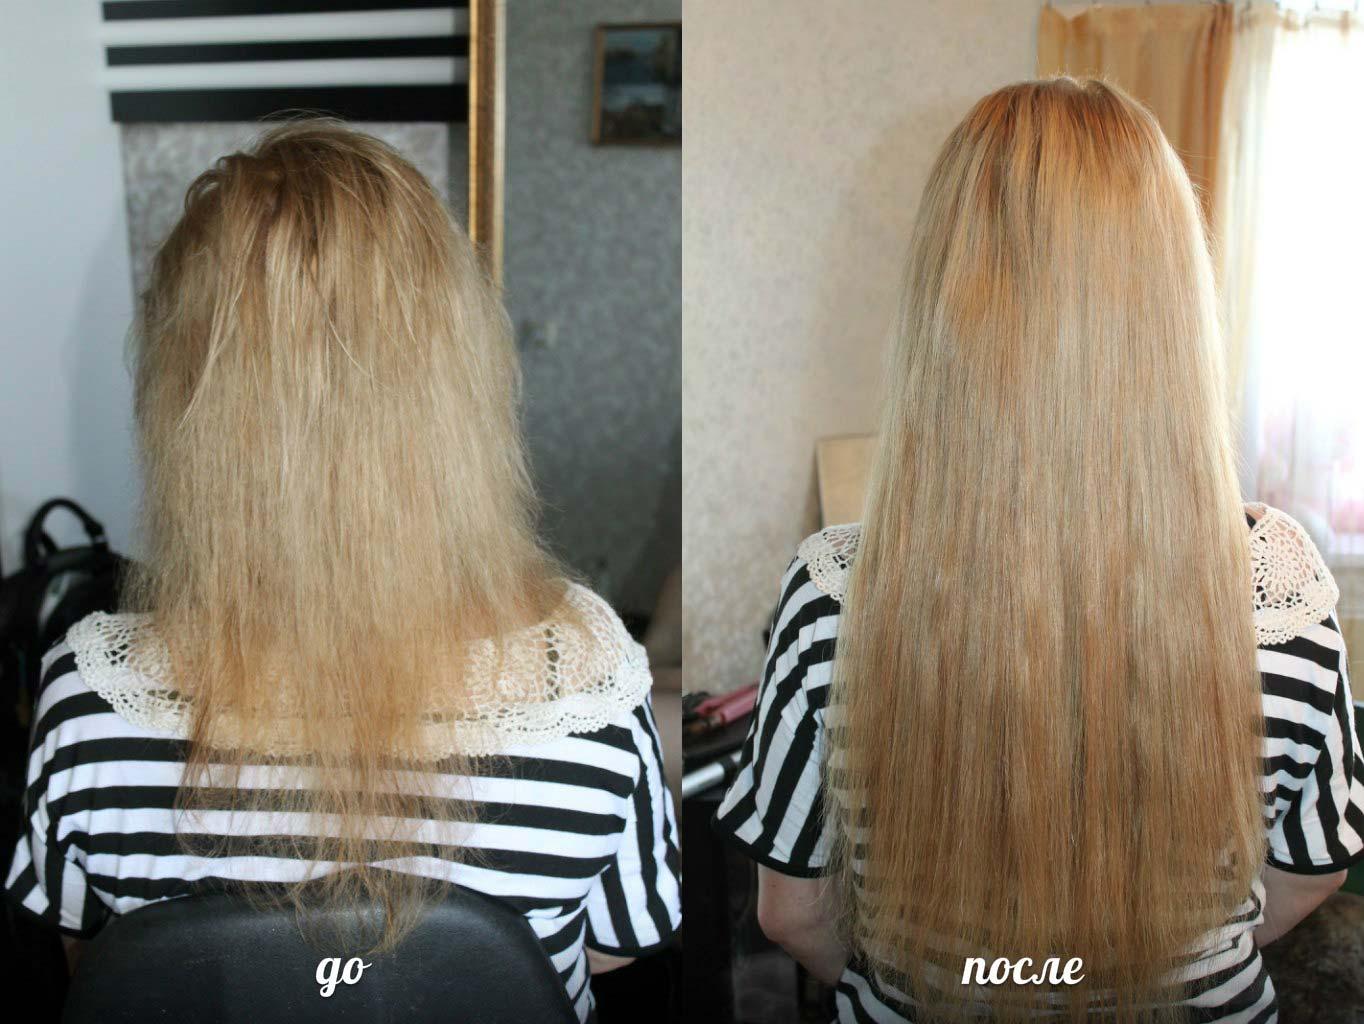 Наращивание волос в люблино